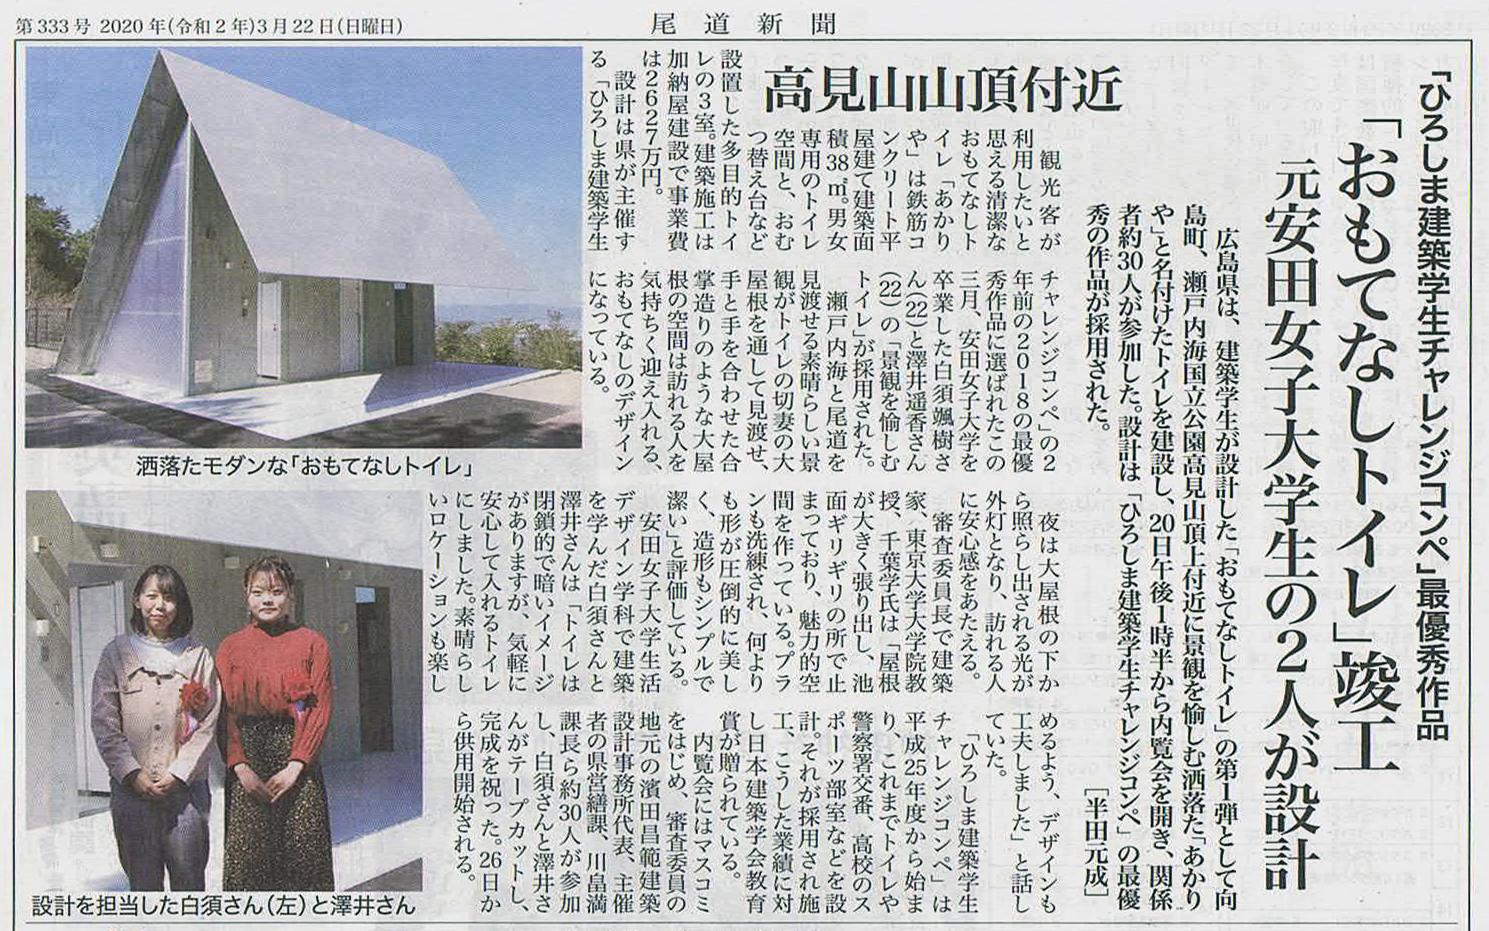 尾道新聞記事チャレコン